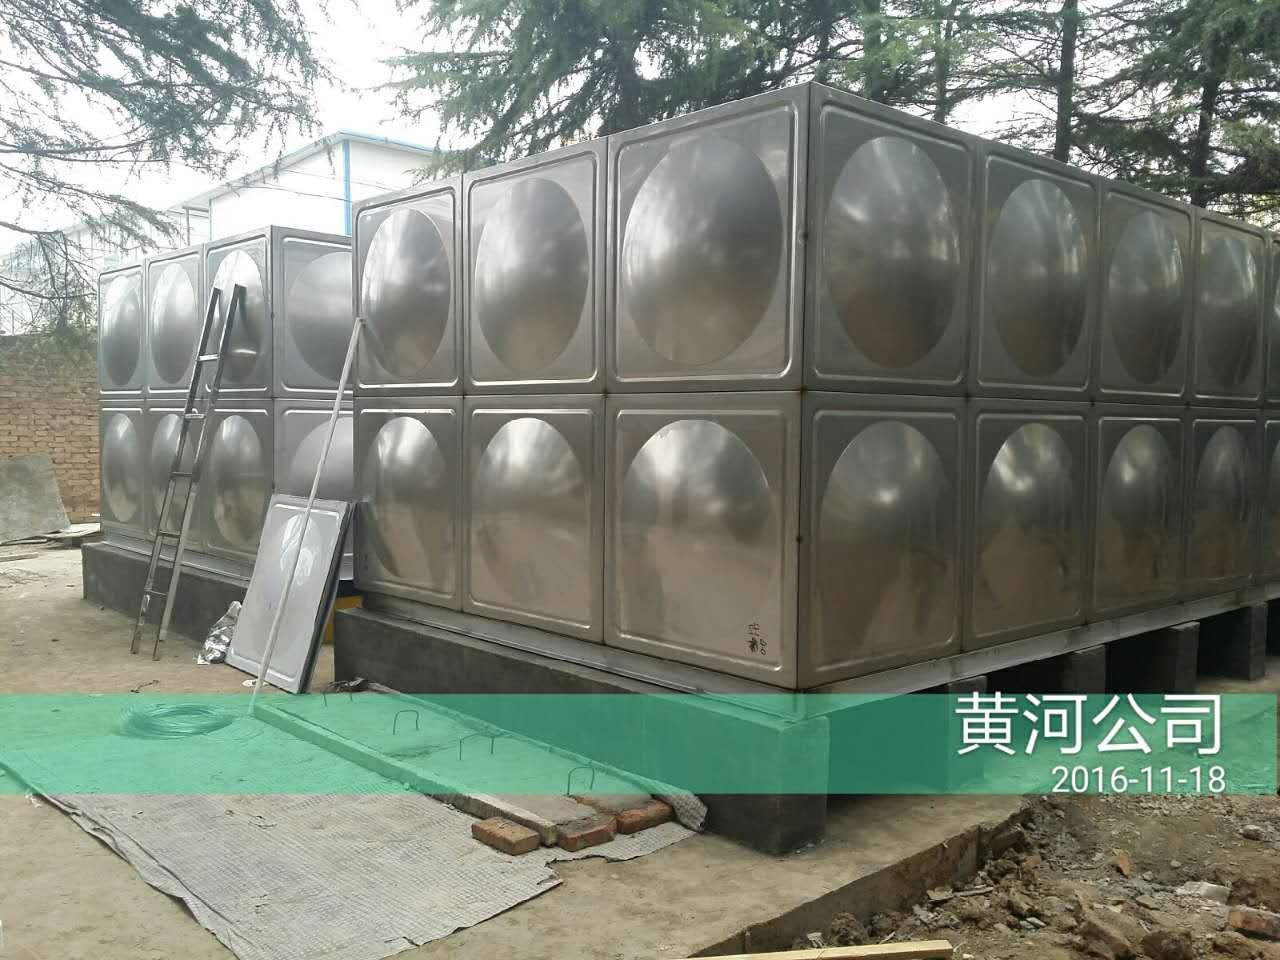 淺談玻璃鋼水箱制作原料有哪些